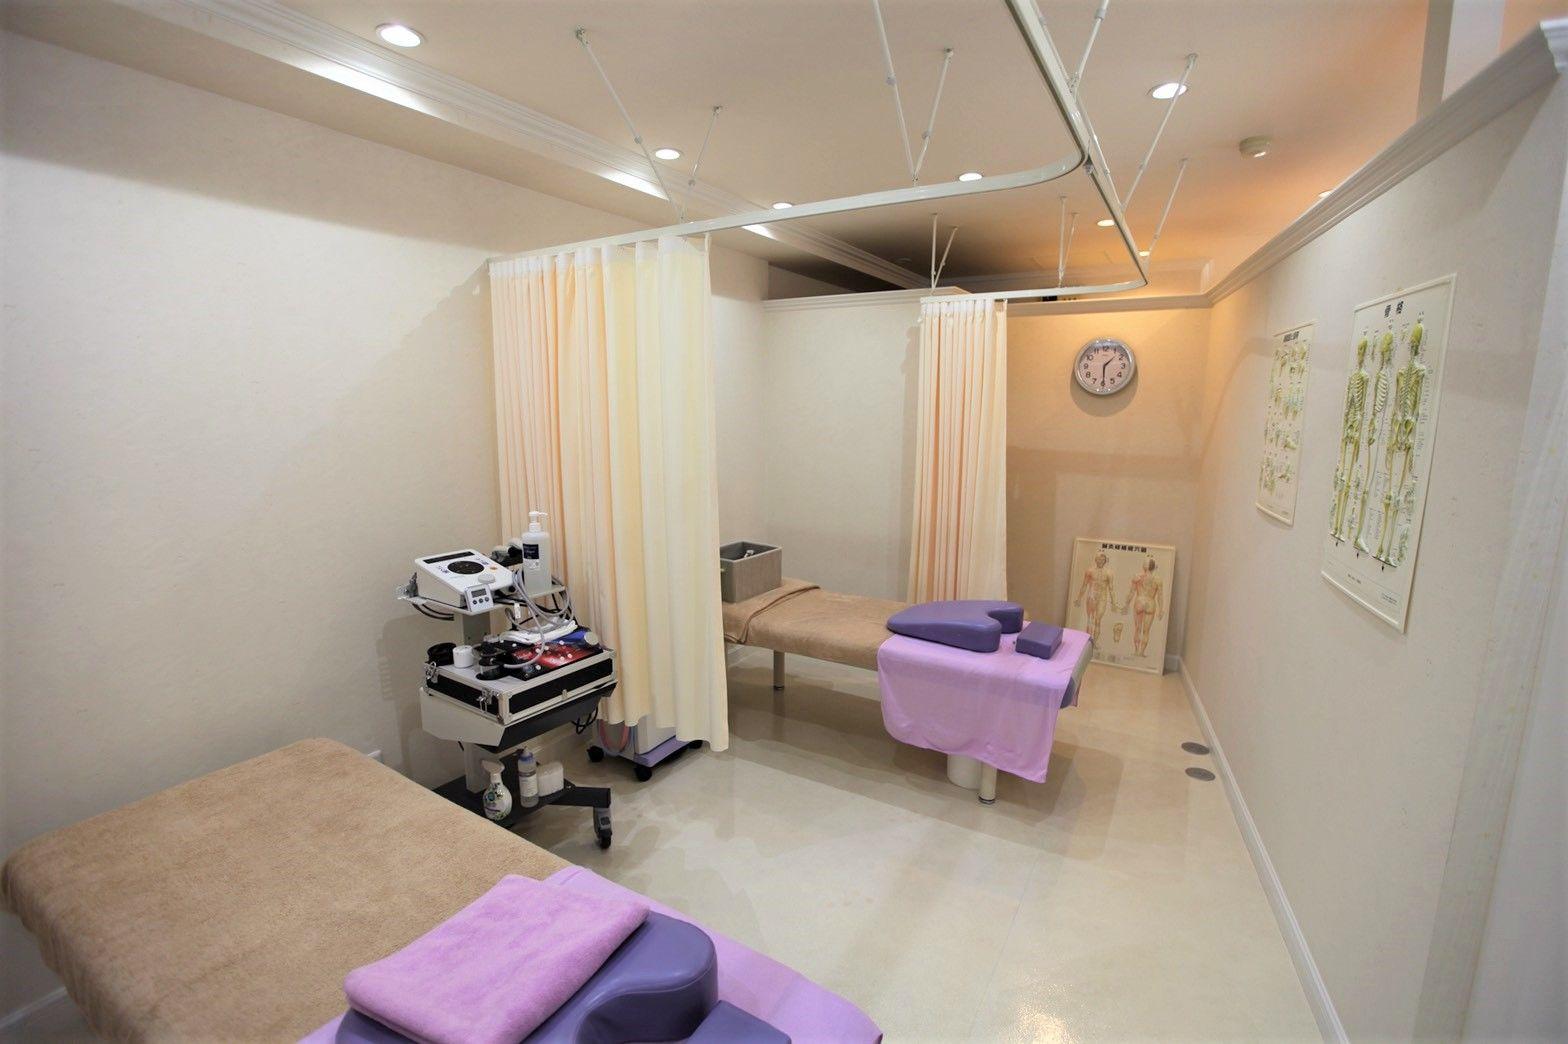 筋膜リリース×骨盤矯正 いずみの治療院の店内・外観画像2